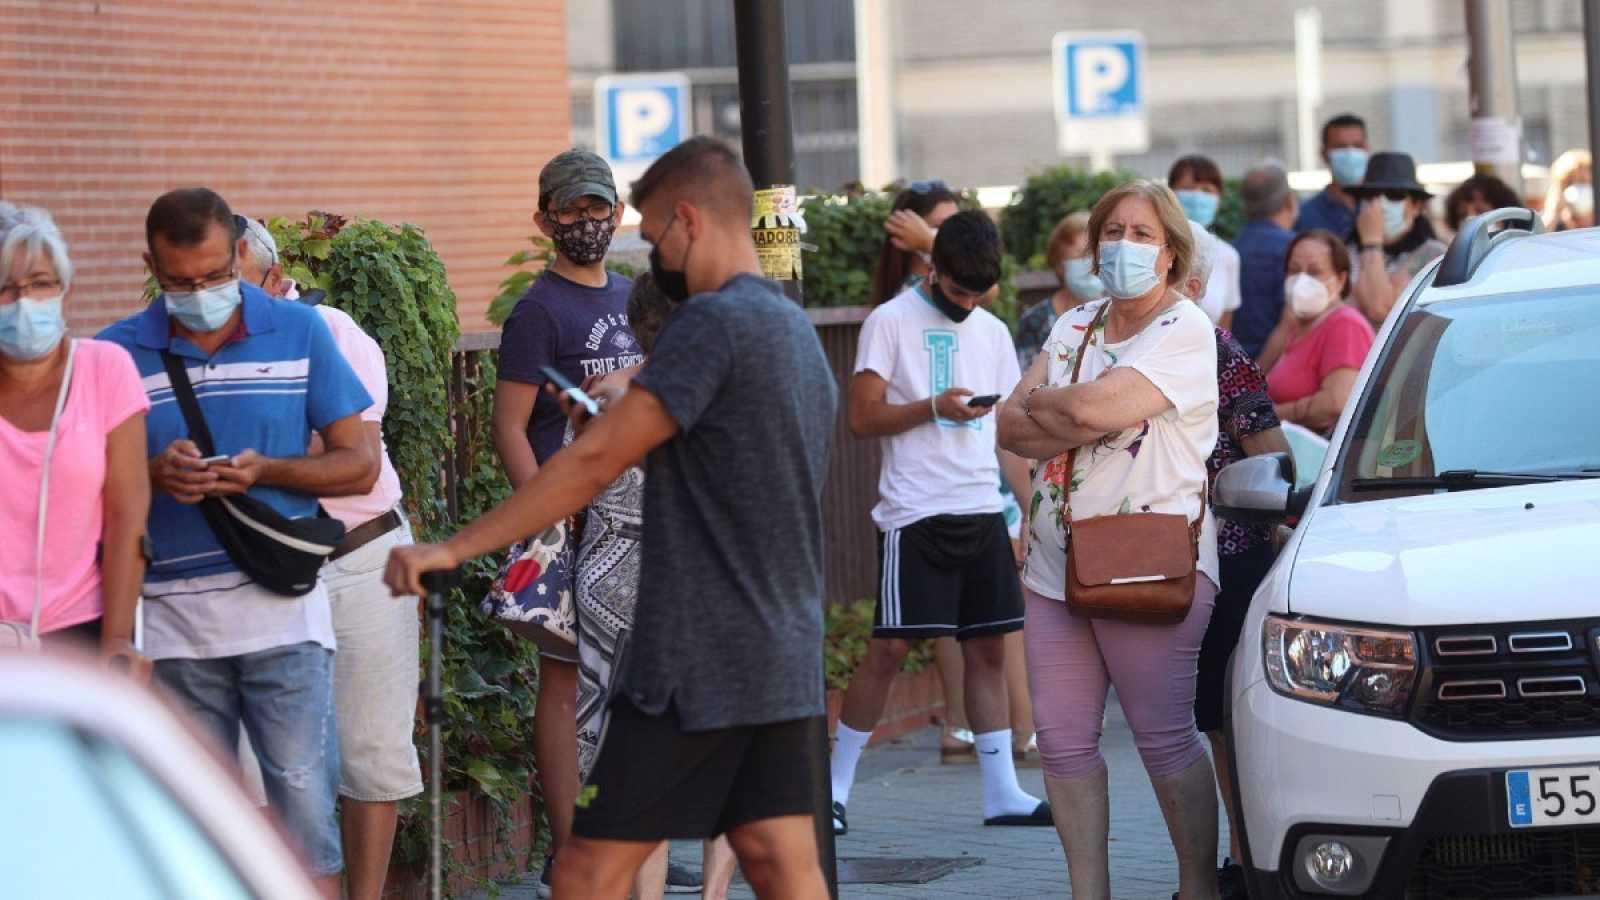 Varios vecinos hacen cola ante un centro sanitario para realizarse una prueba PCR en el distrito madrileño de Villaverde, este miércoles.